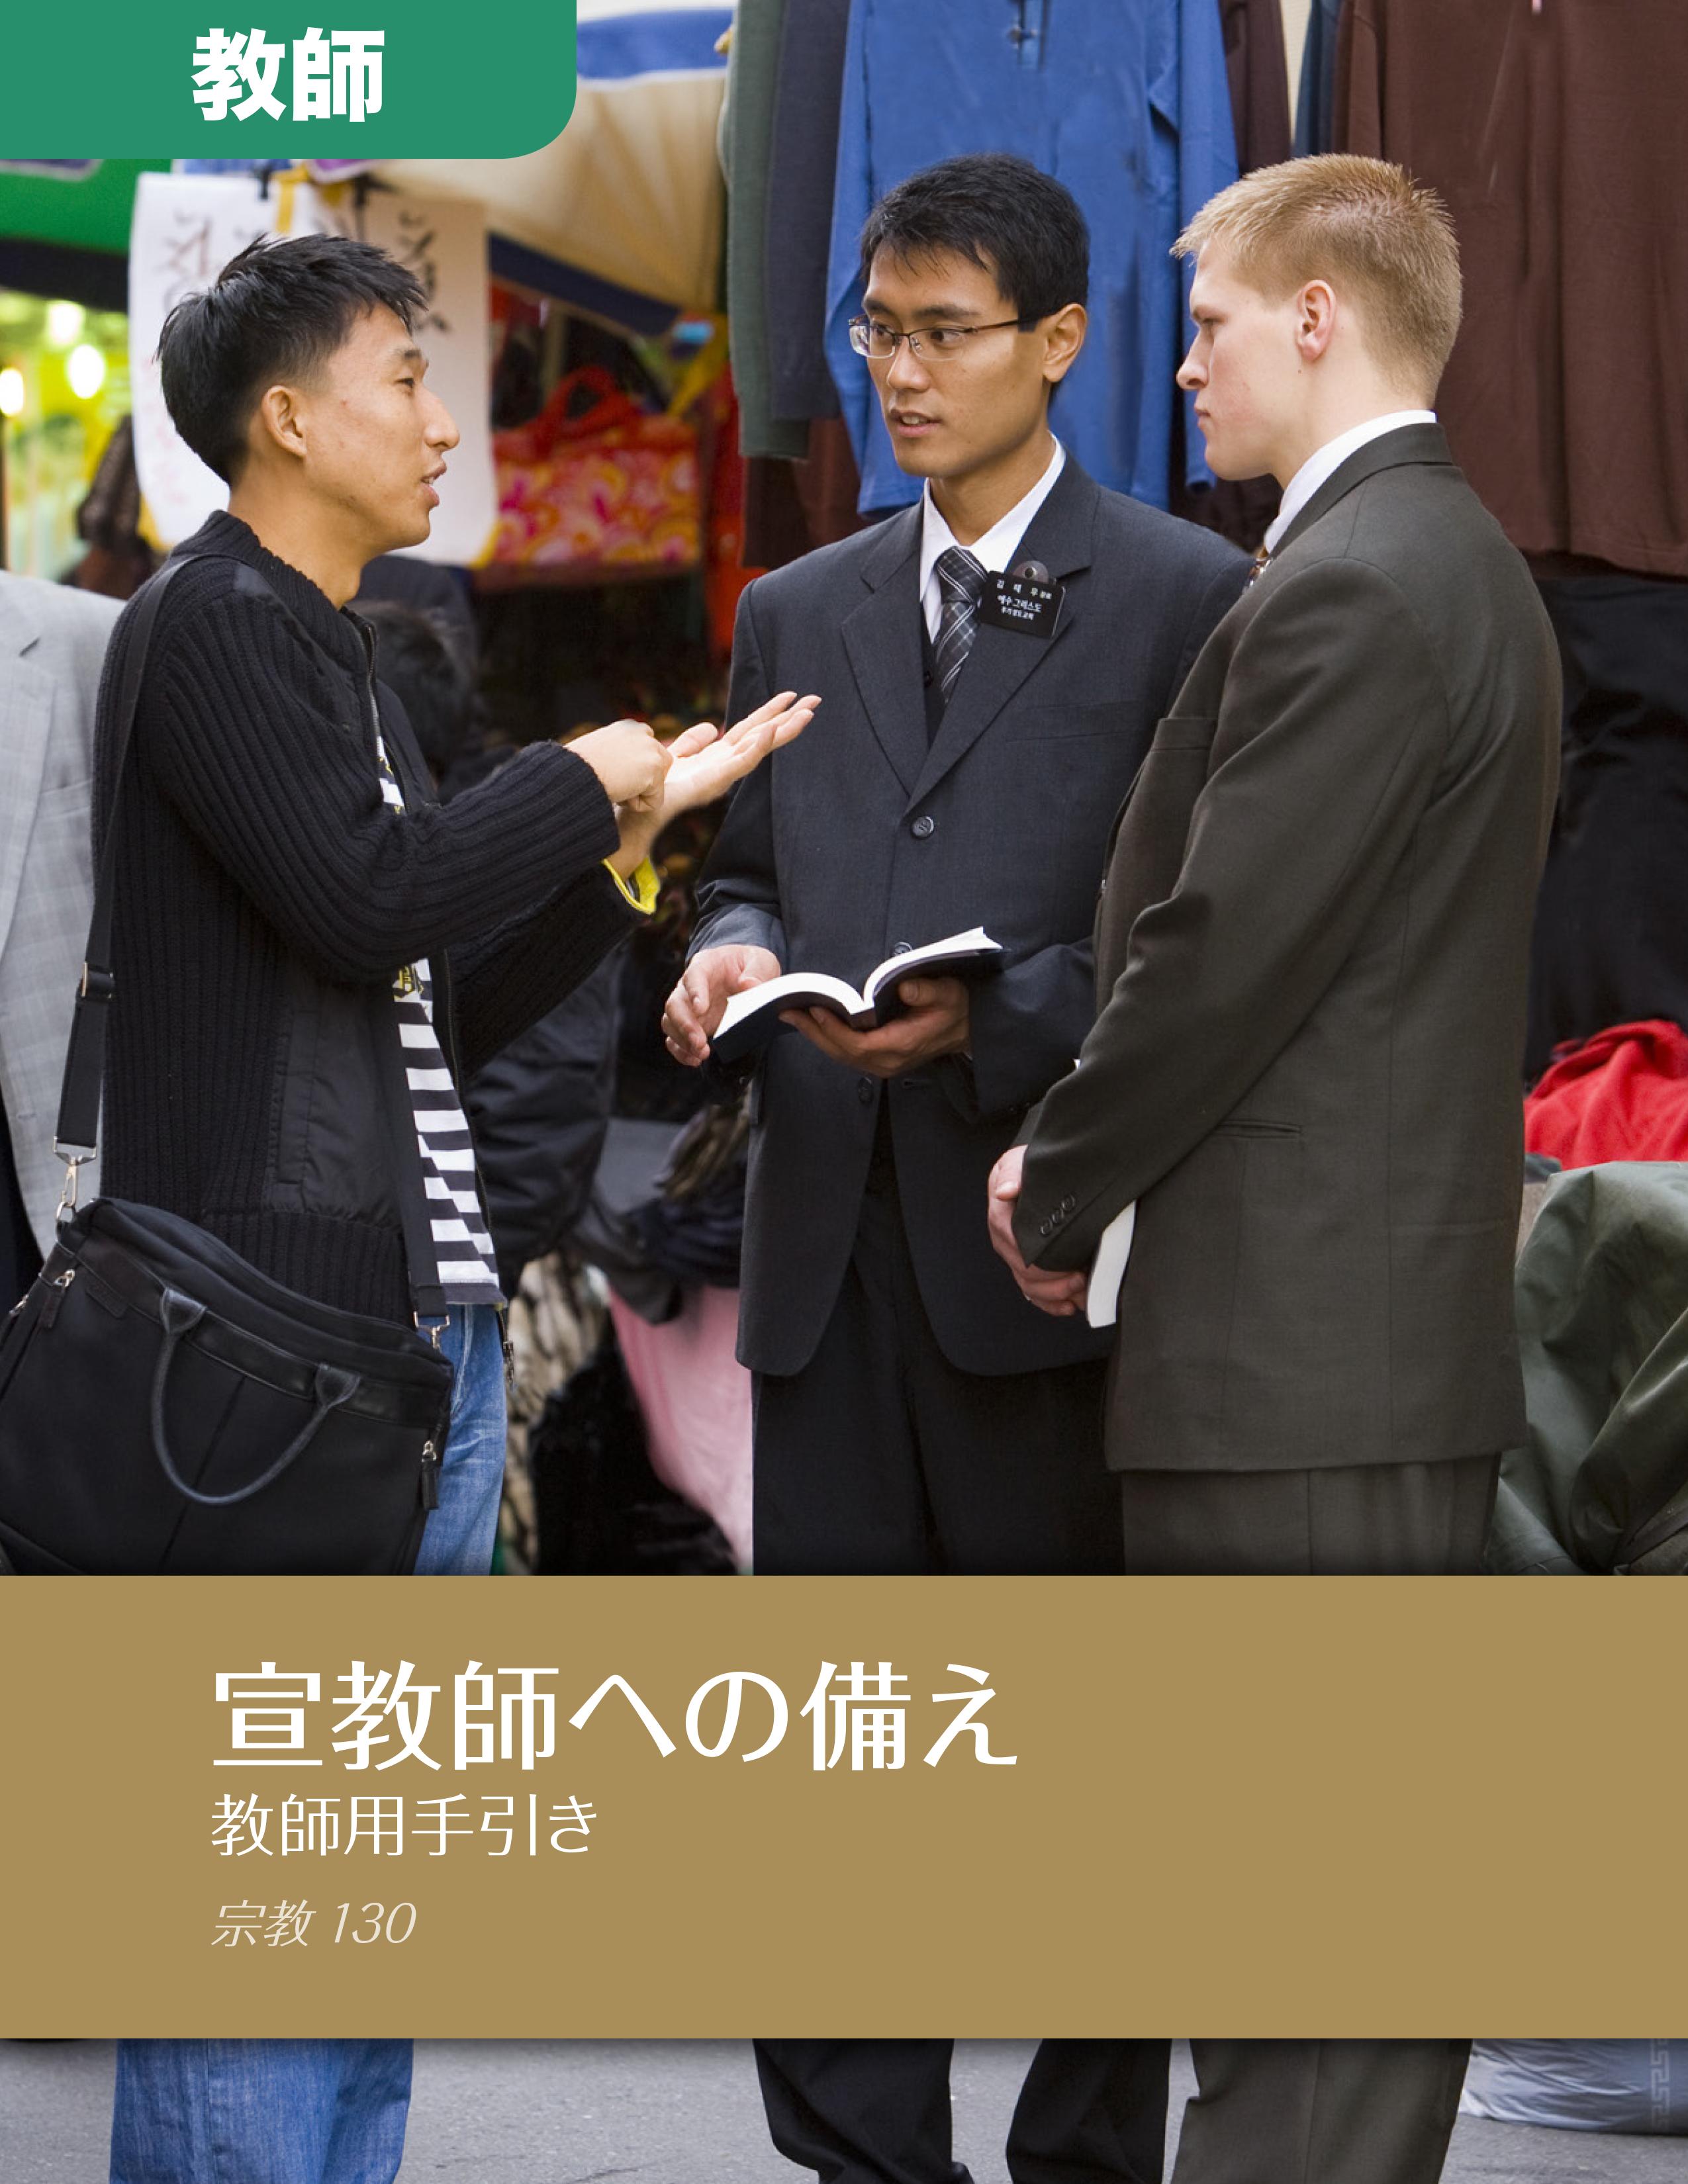 『宣教師への備え 教師用手引き』(宗教130)